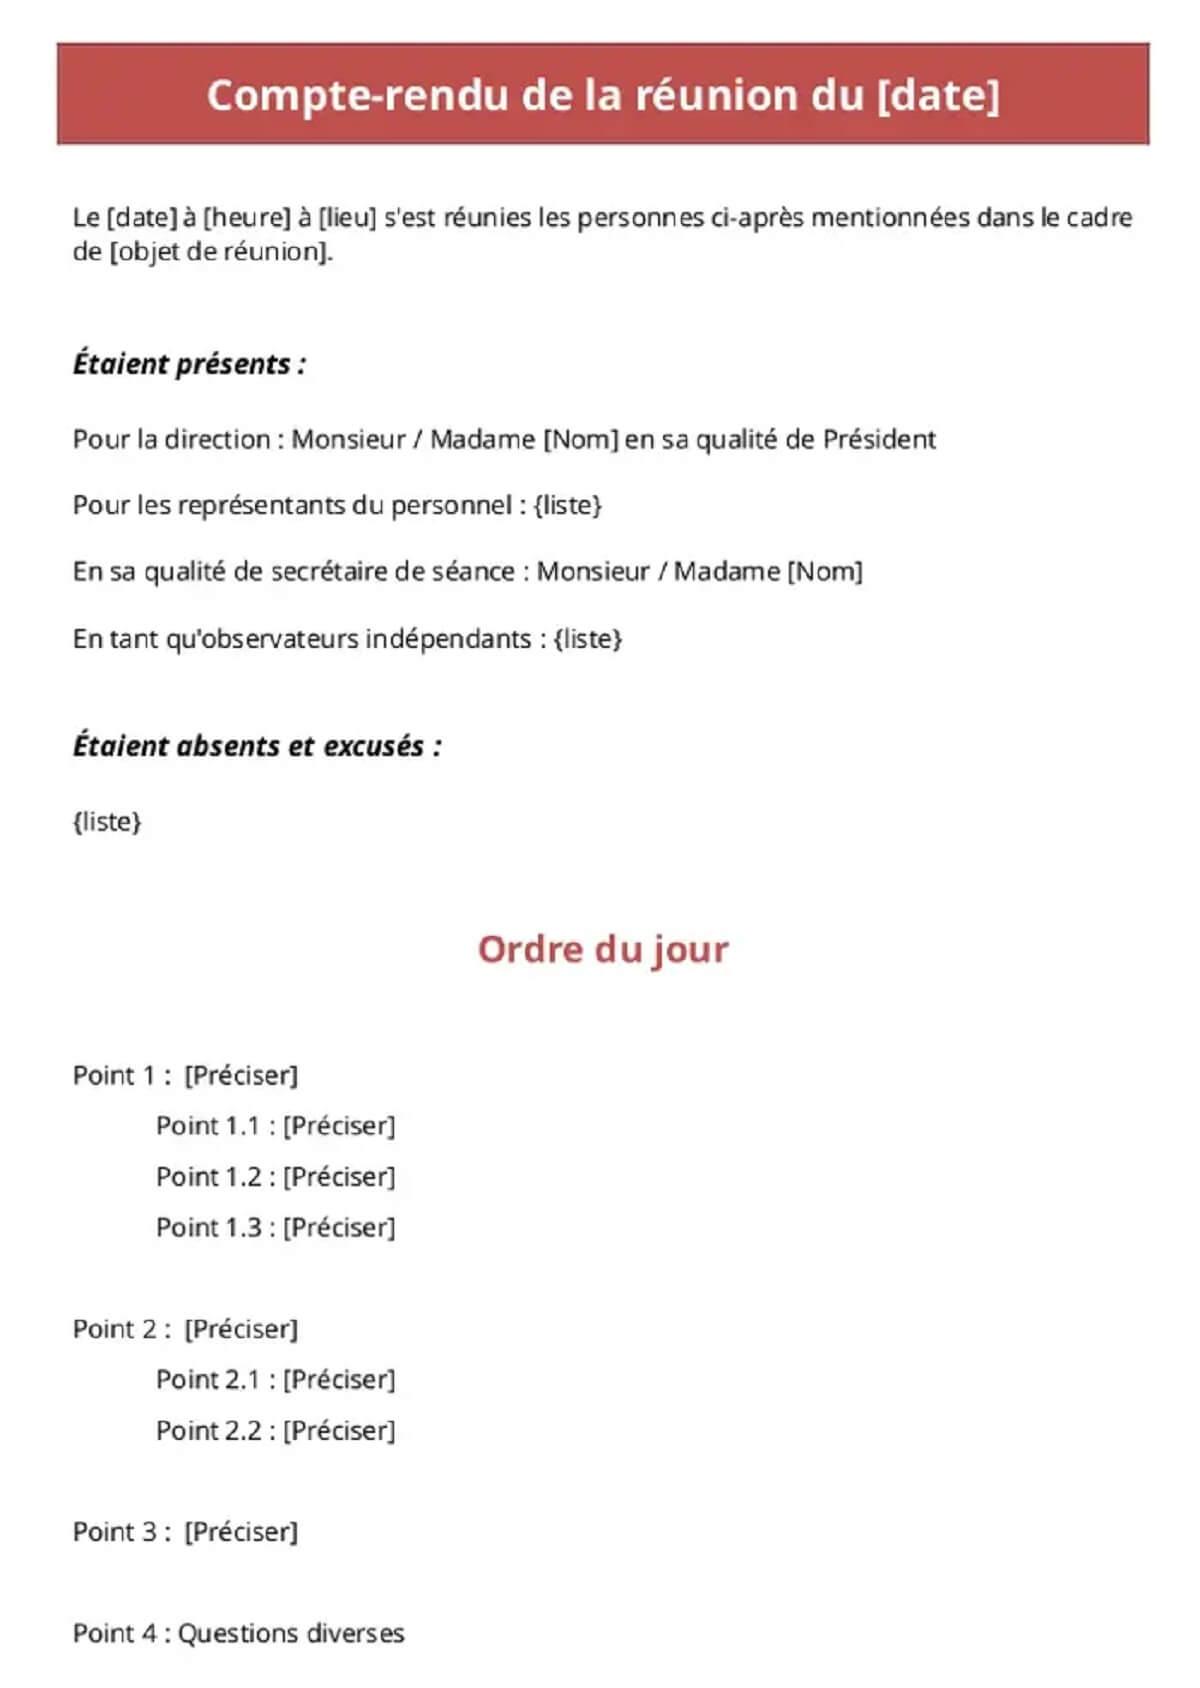 Procès-verbal de réunion à télécharger au format Pdf (Page 1 sur 3)